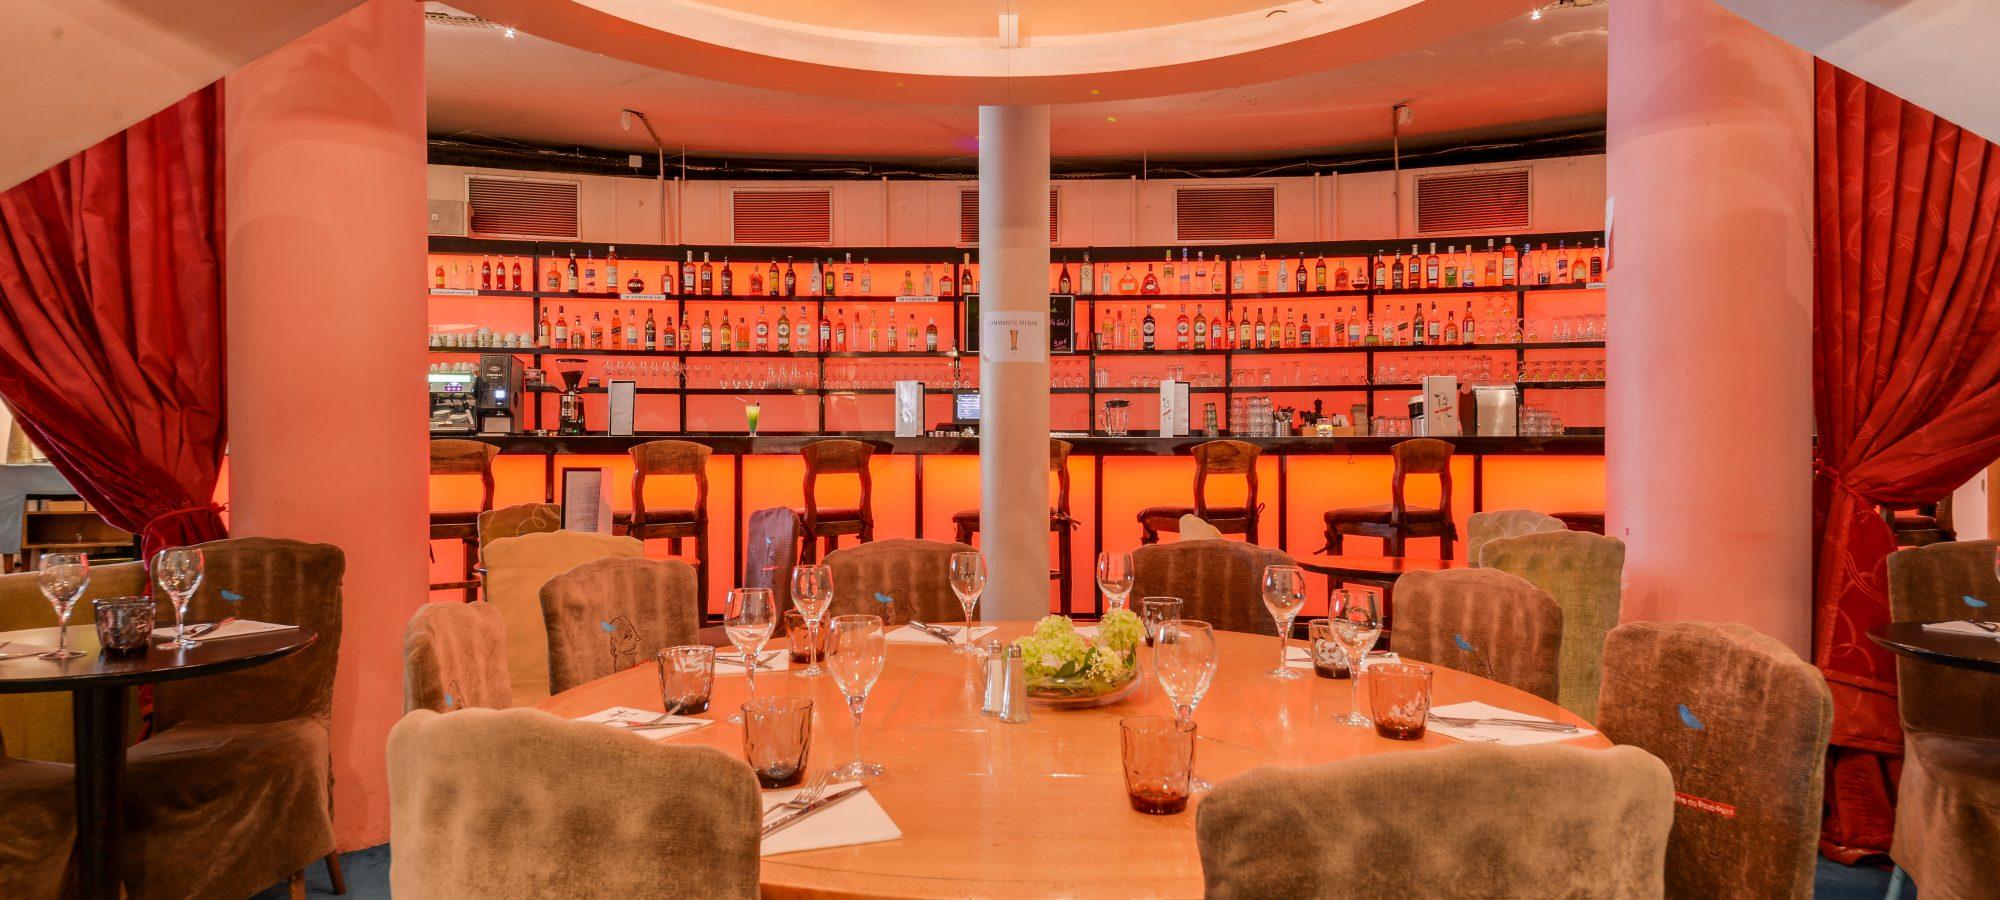 le-restaurant-du-rond-point-03-HD